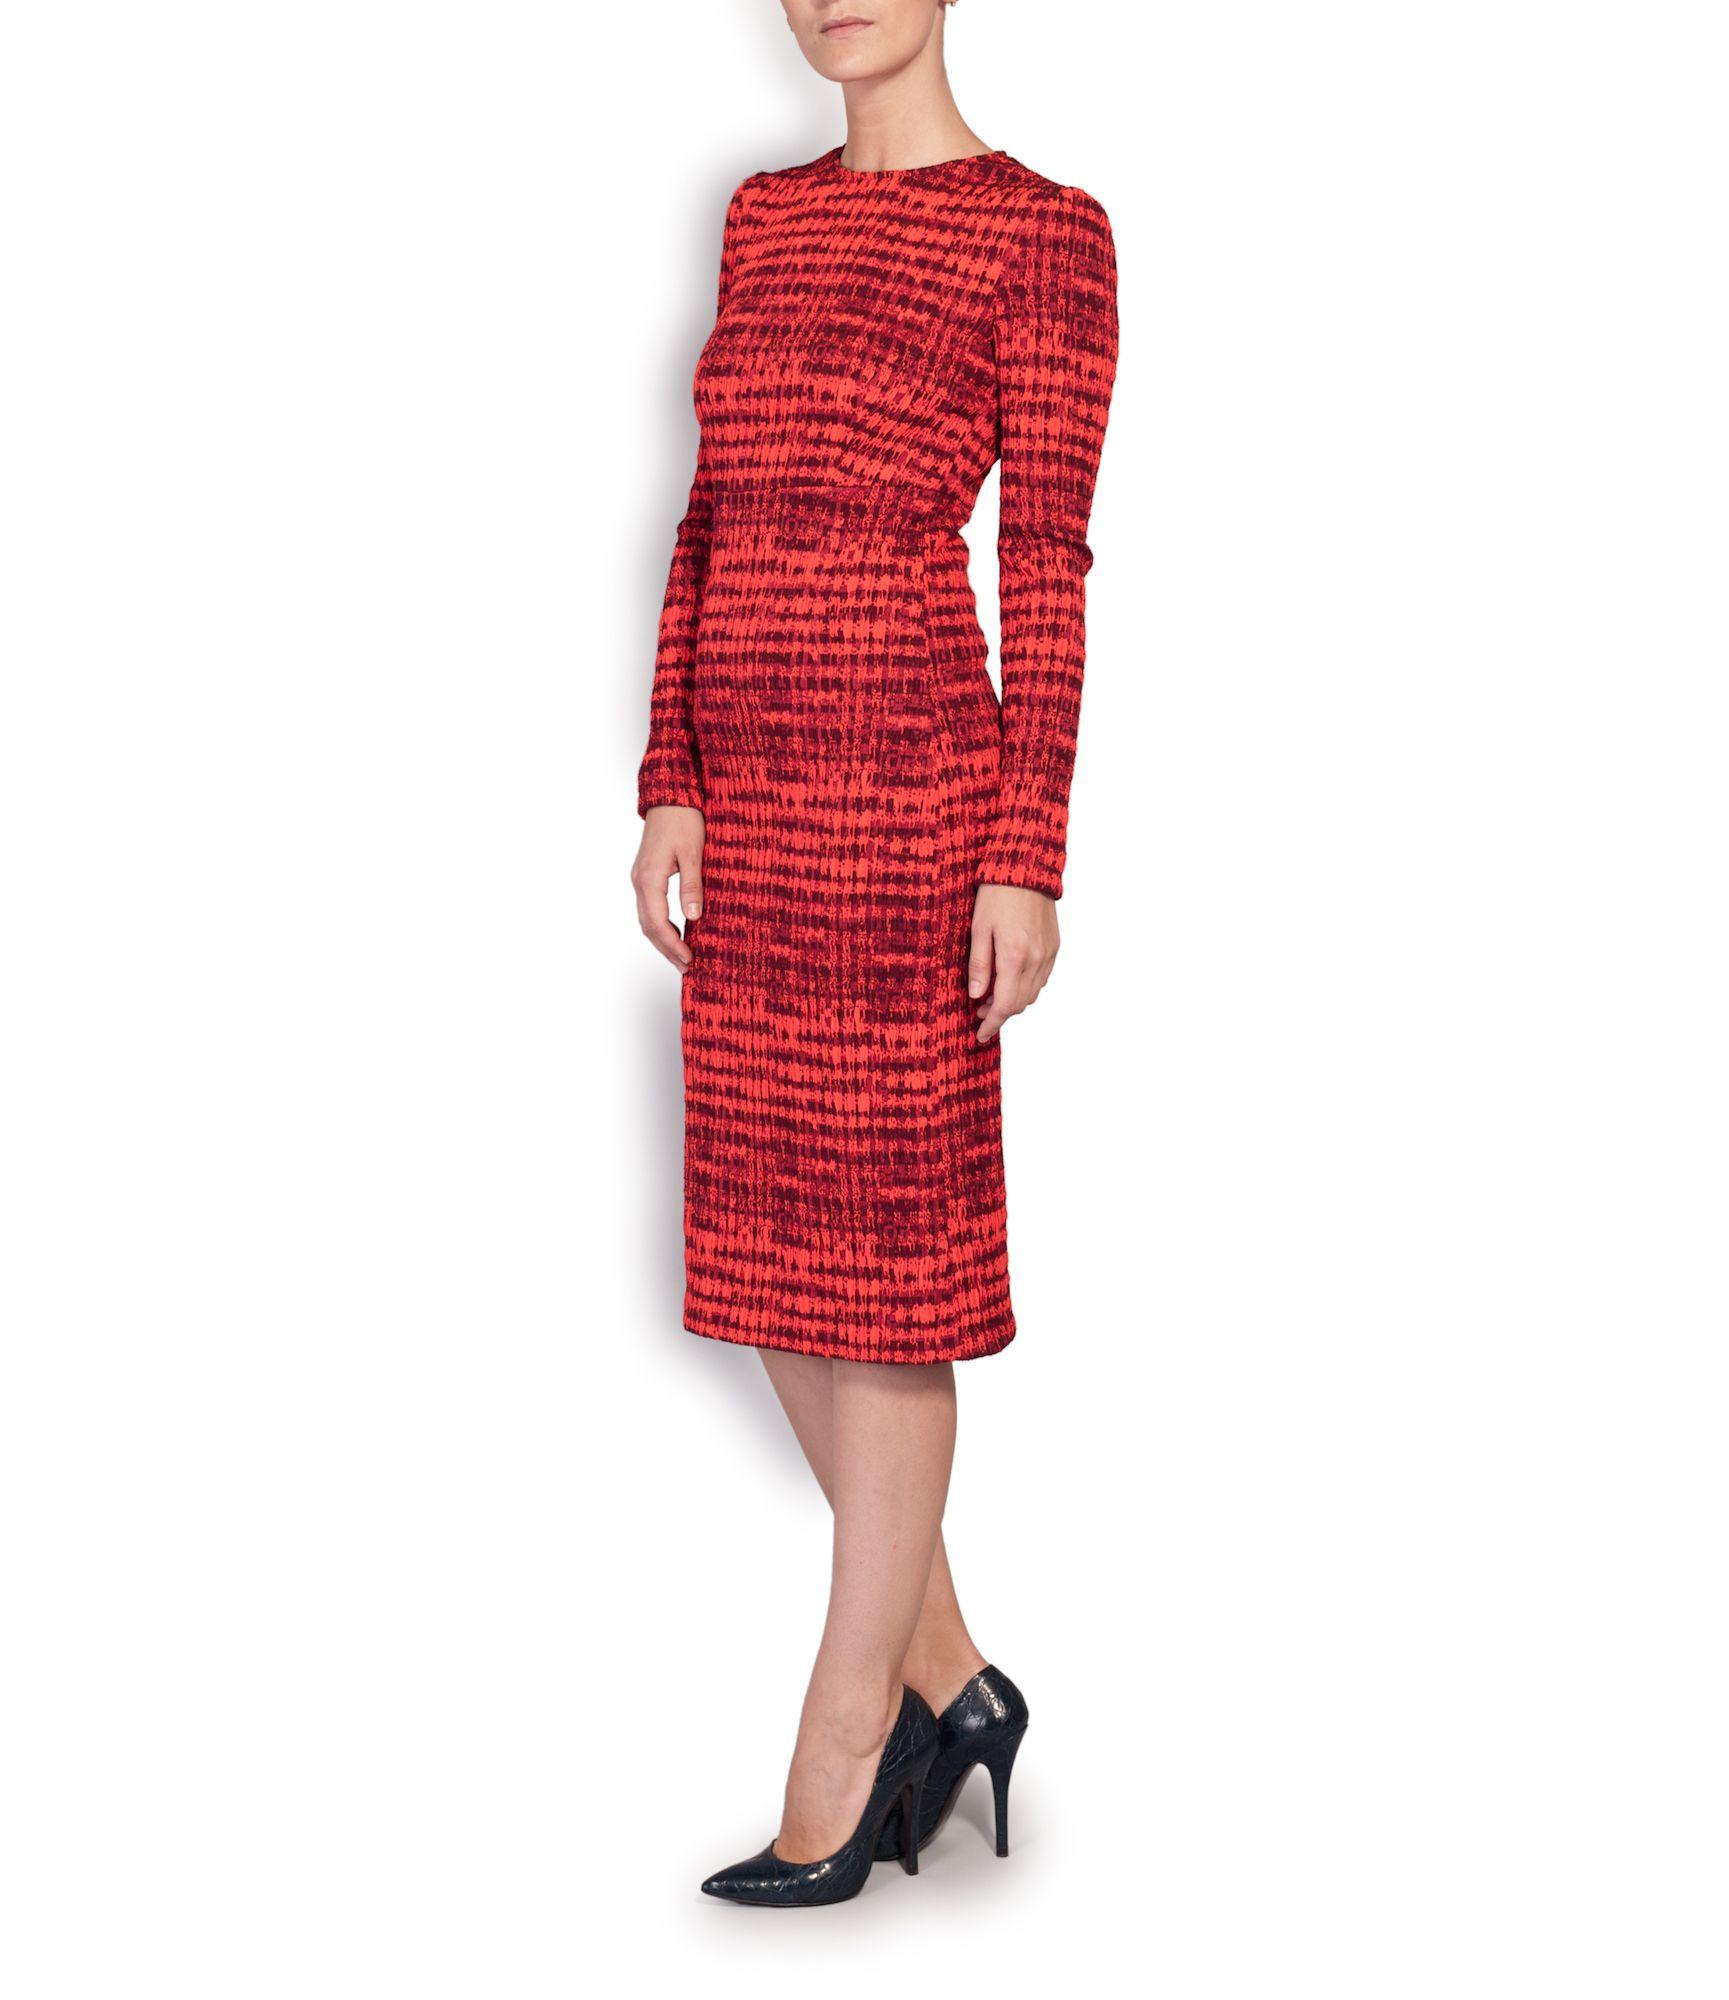 Vestido rojo de Ángel Schlesser y stilettos negros de serpiente y napa de Mariló Domínguez